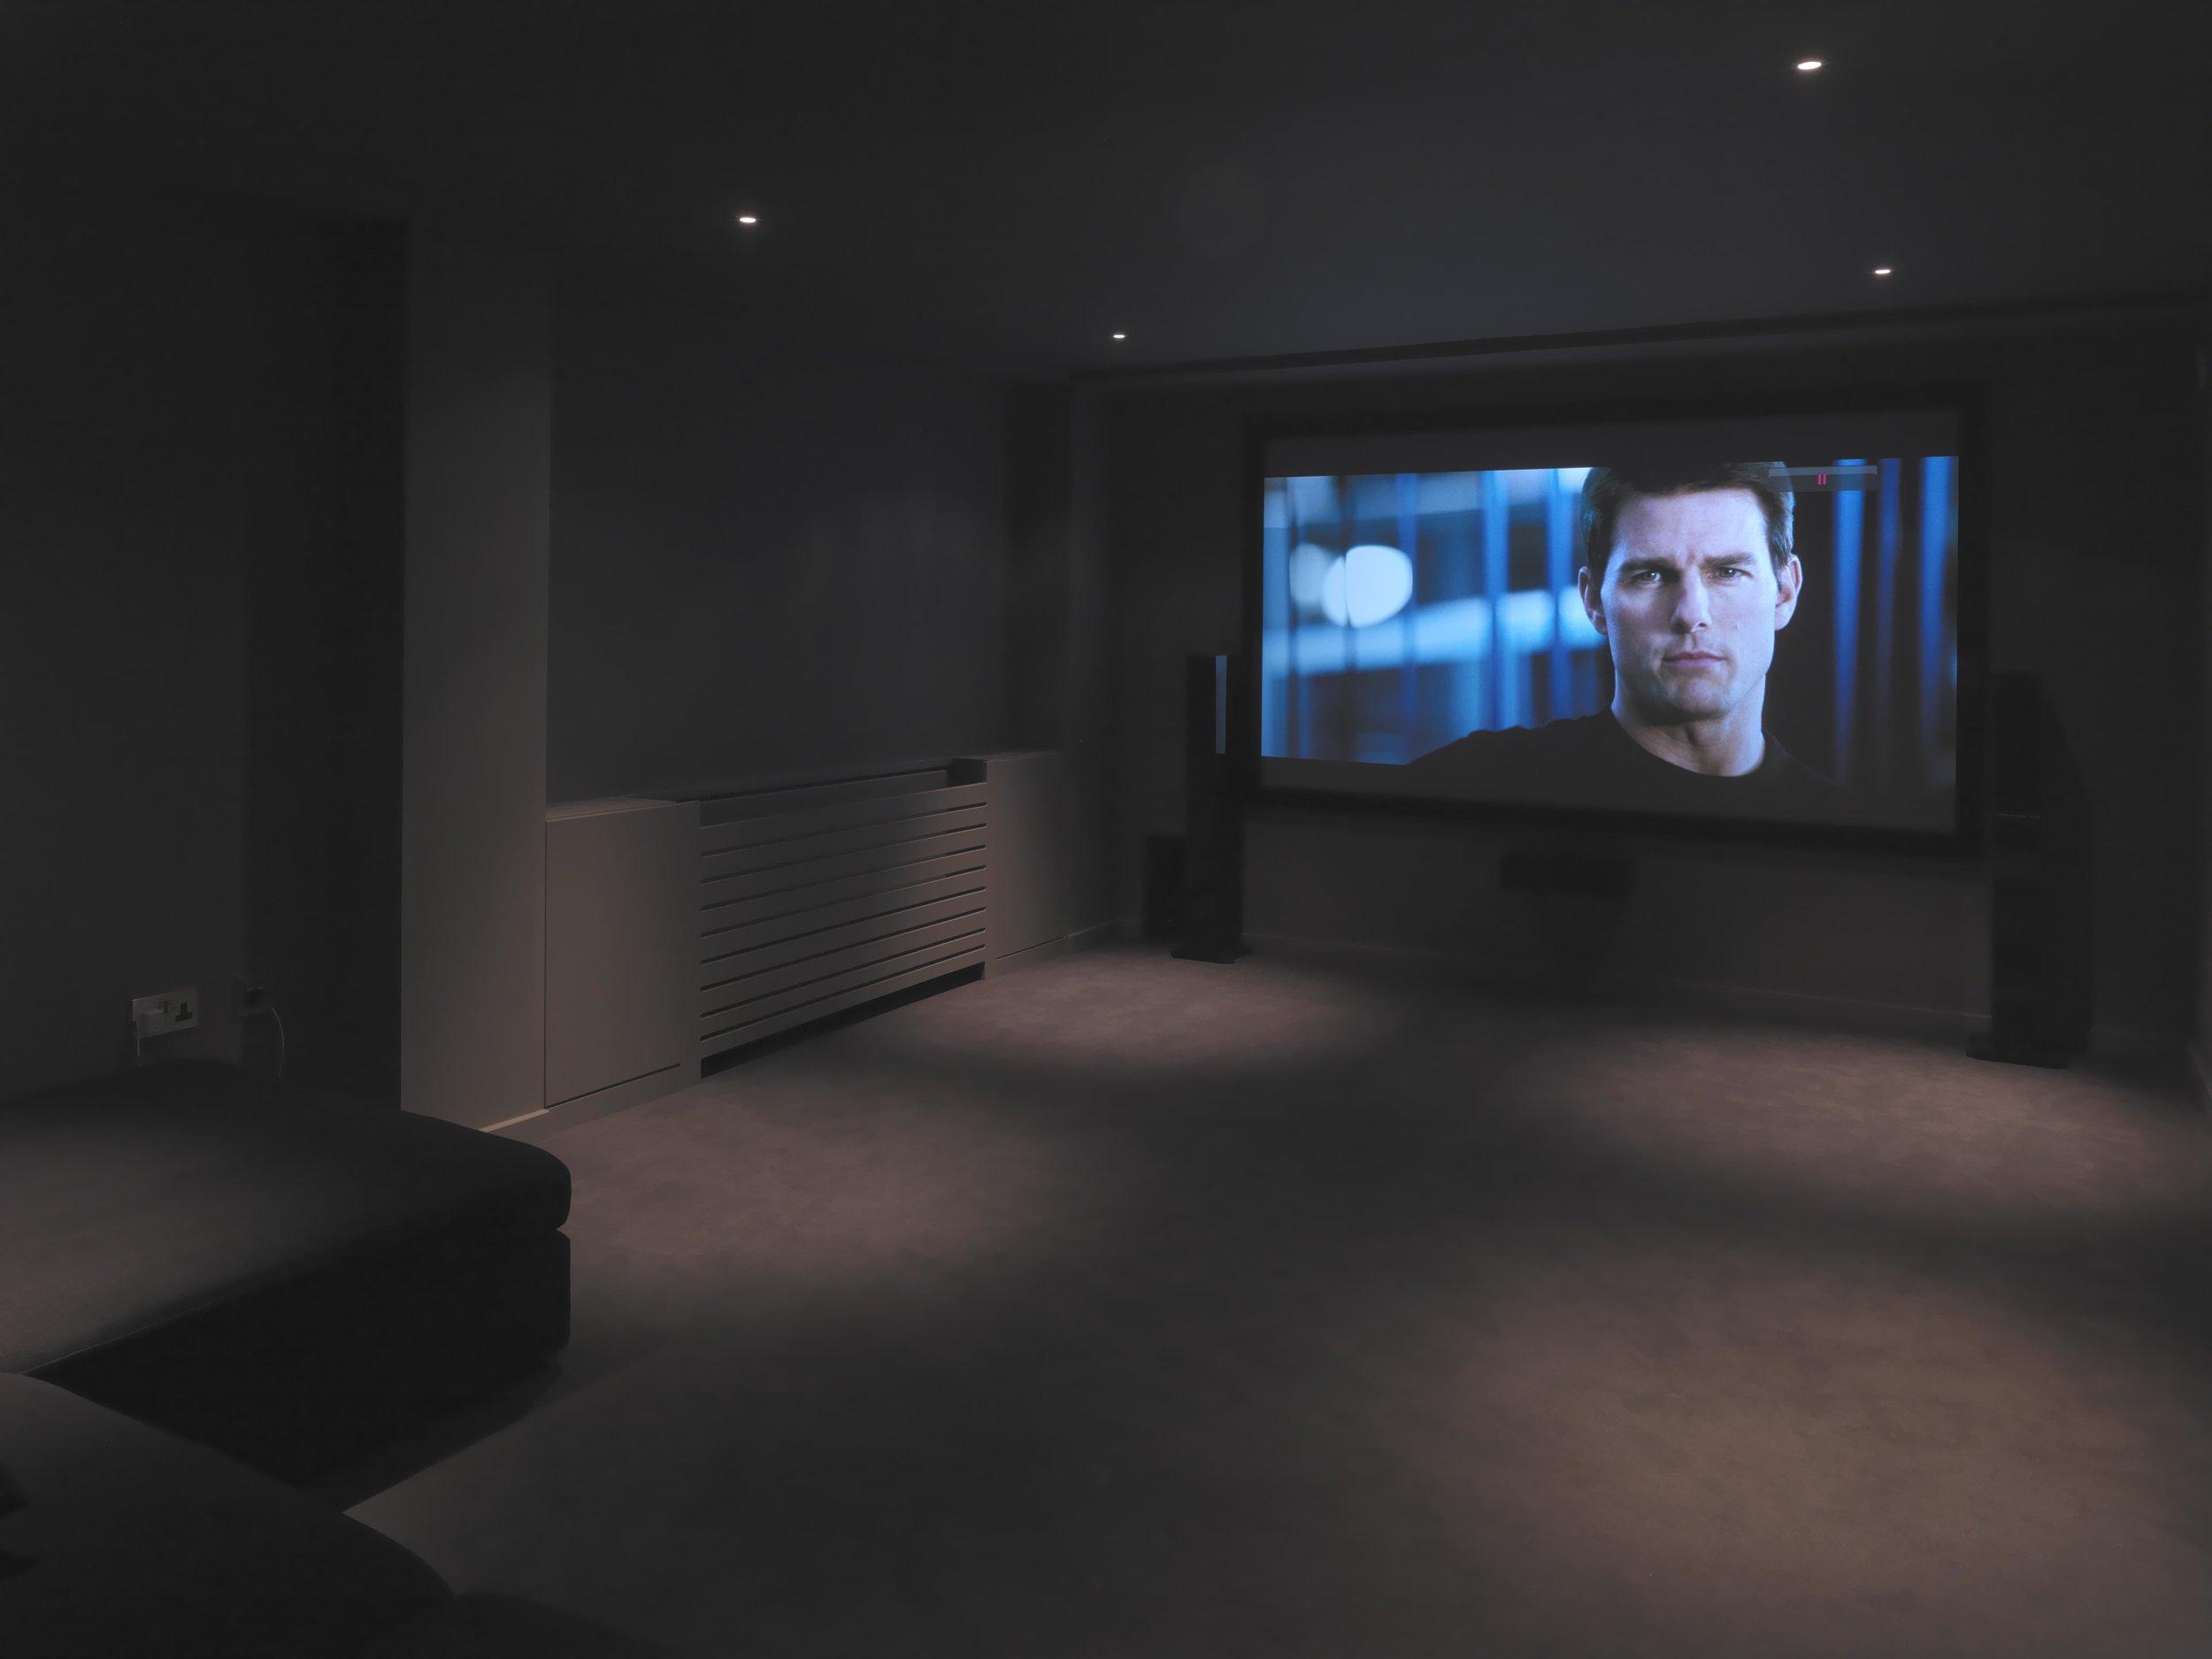 Media room in sub-basement in darker tones